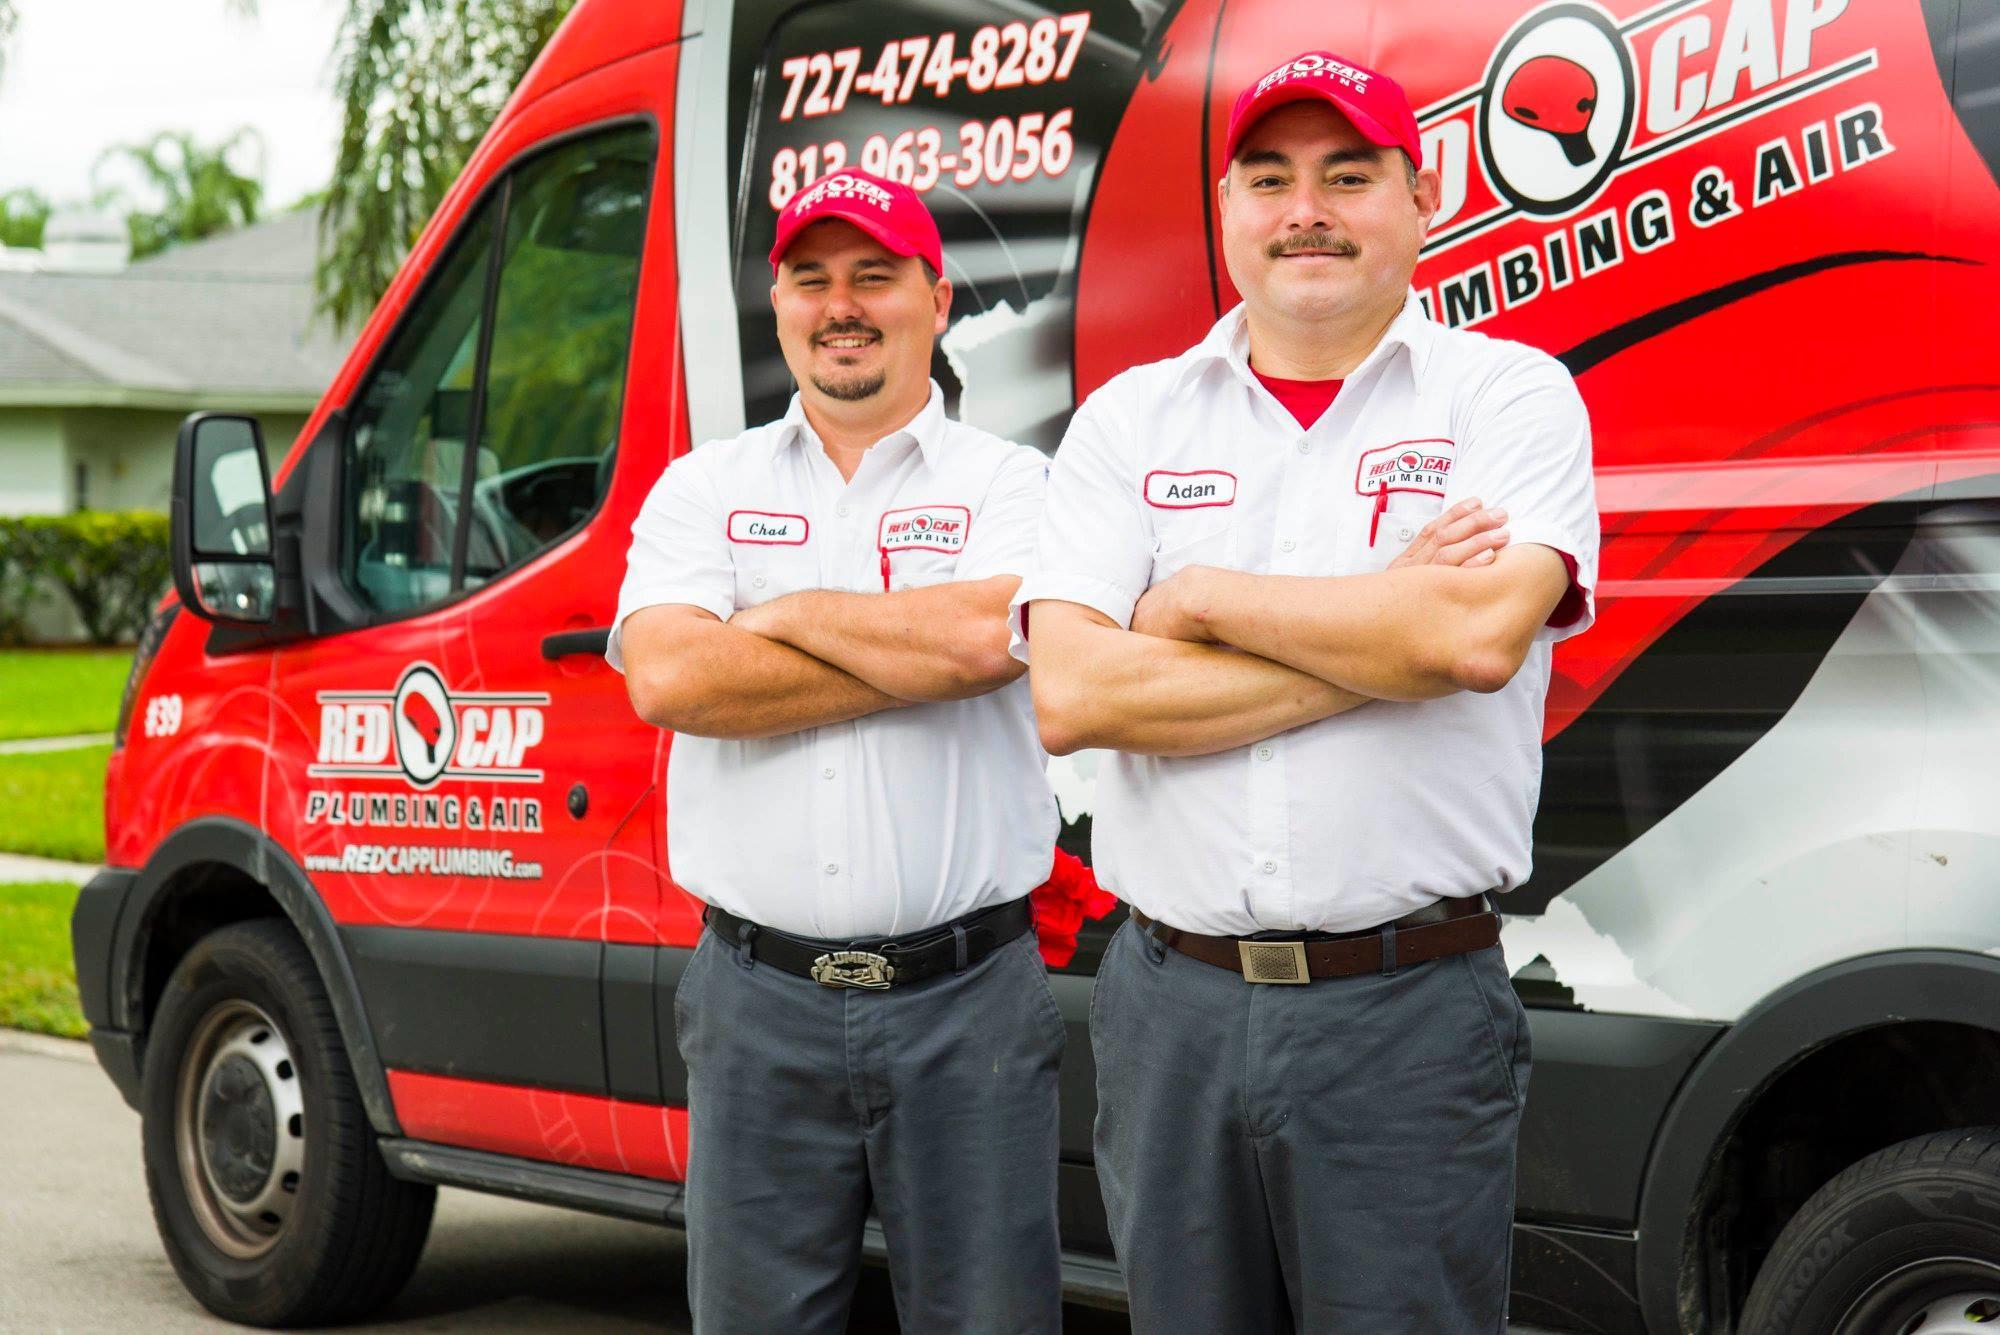 Red Cap Plumbing Amp Air Coupons Near Me In Tampa 8coupons